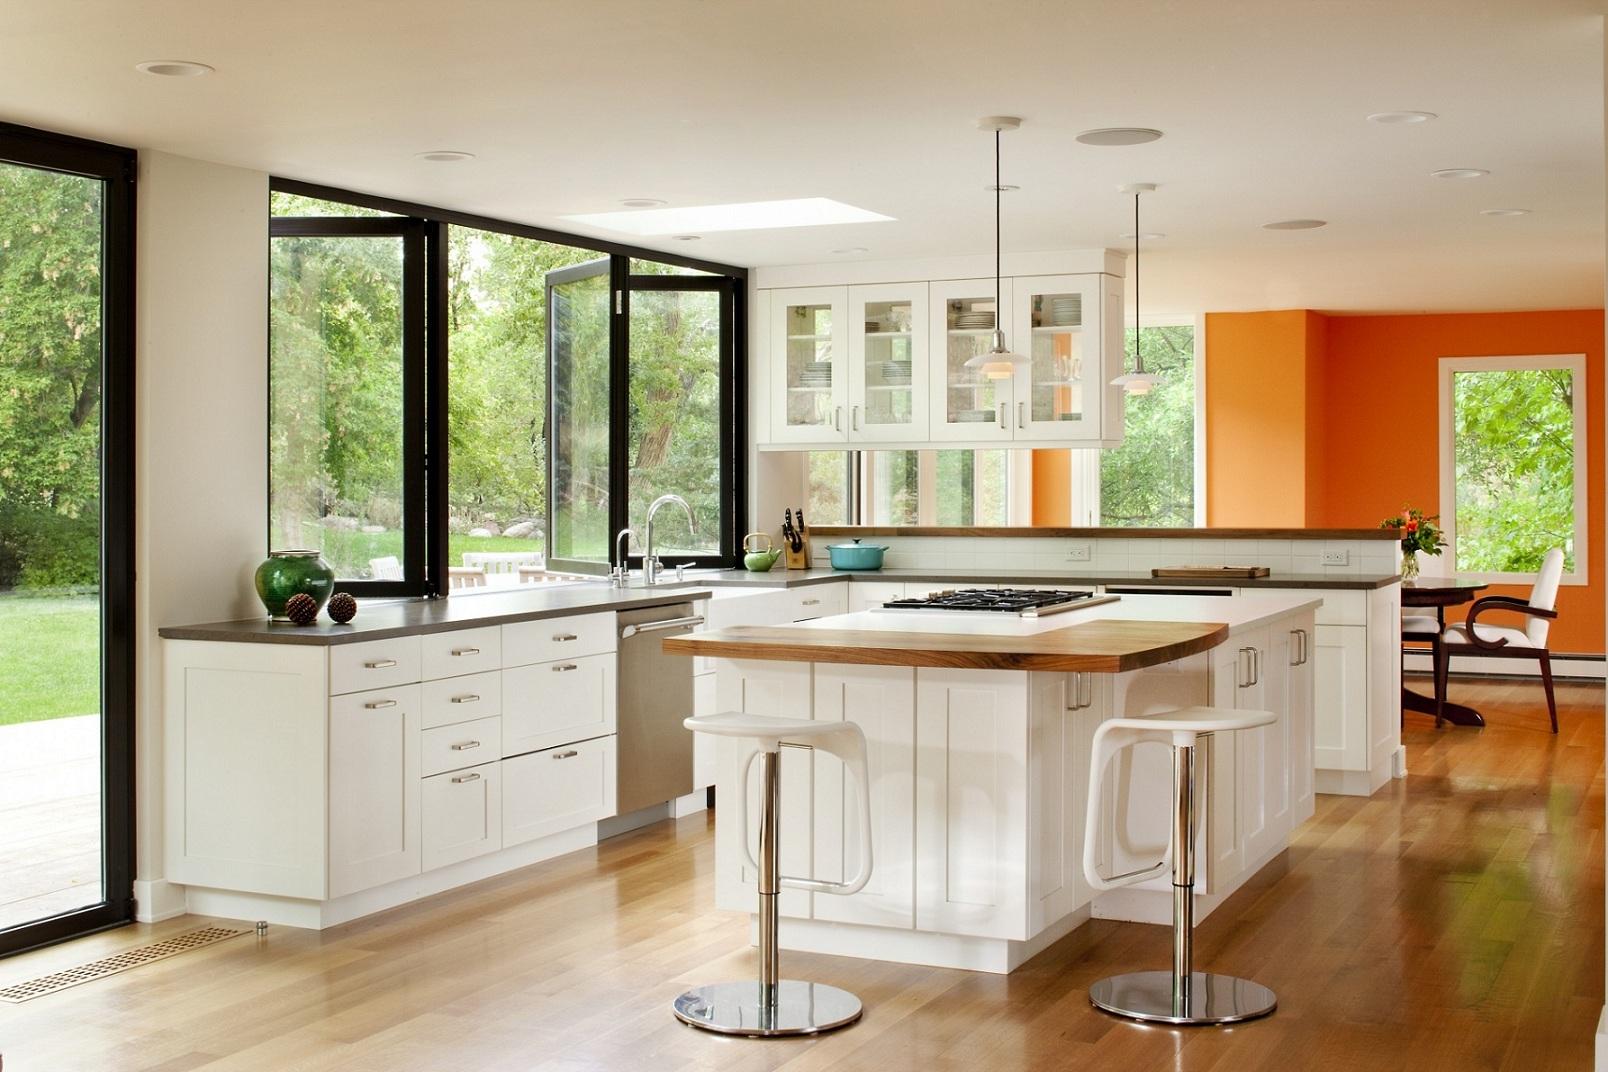 Оформление кухонного окна в минималистском стиле